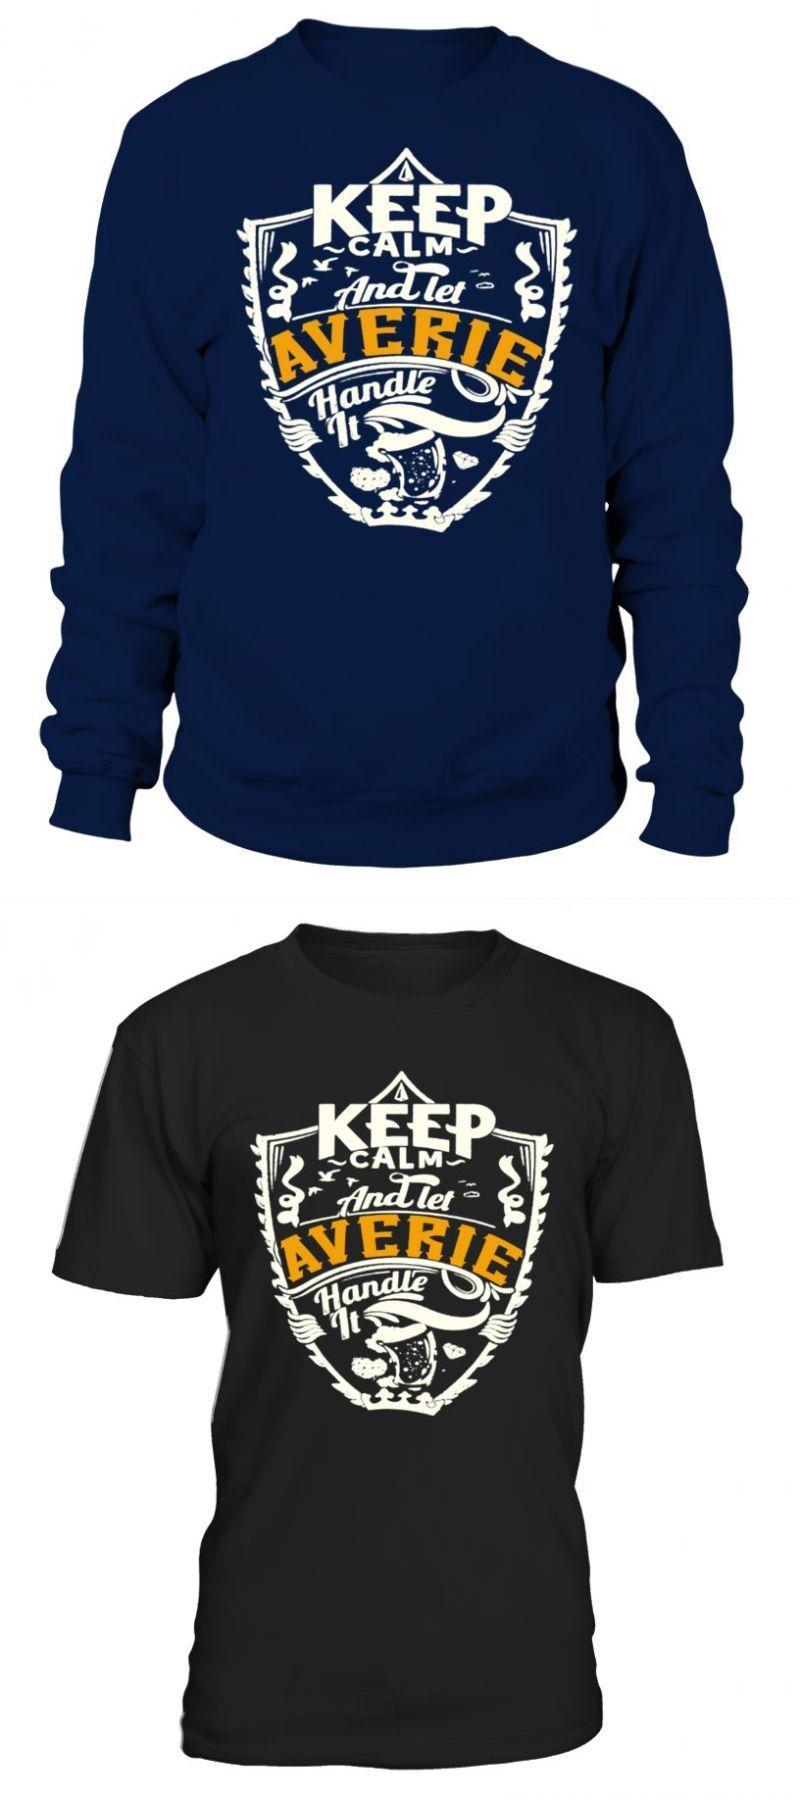 T Shirt Design For Badminton Averie I Love Badminton T Shirt Volleyball T Shirt Designs Basketball T Shirt Designs Badminton T Shirts